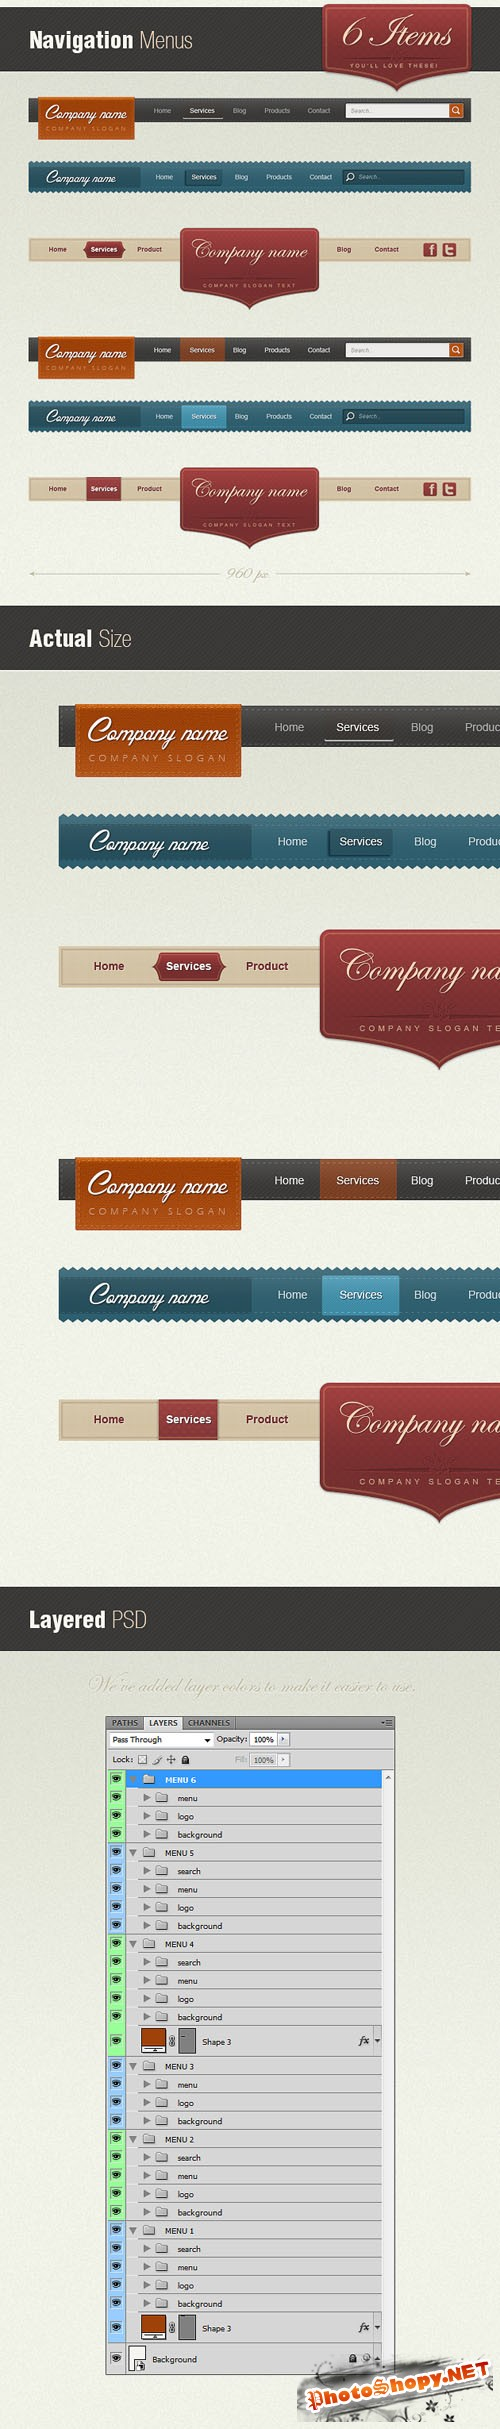 Designtnt - Retro Web Navigation Menus